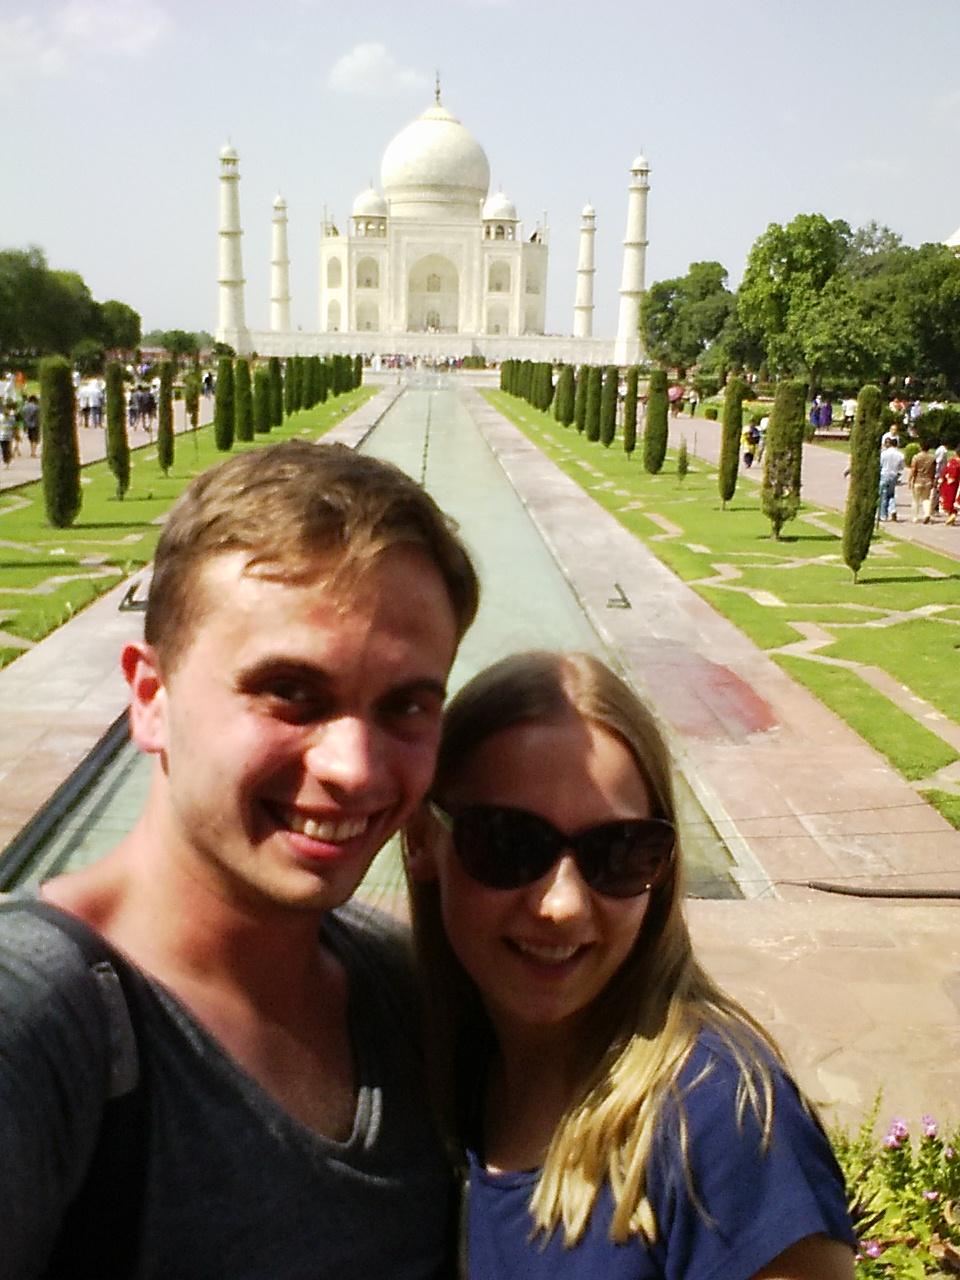 img 20140824 143829 - Radżastan - magia kolorów i zapachów Indii